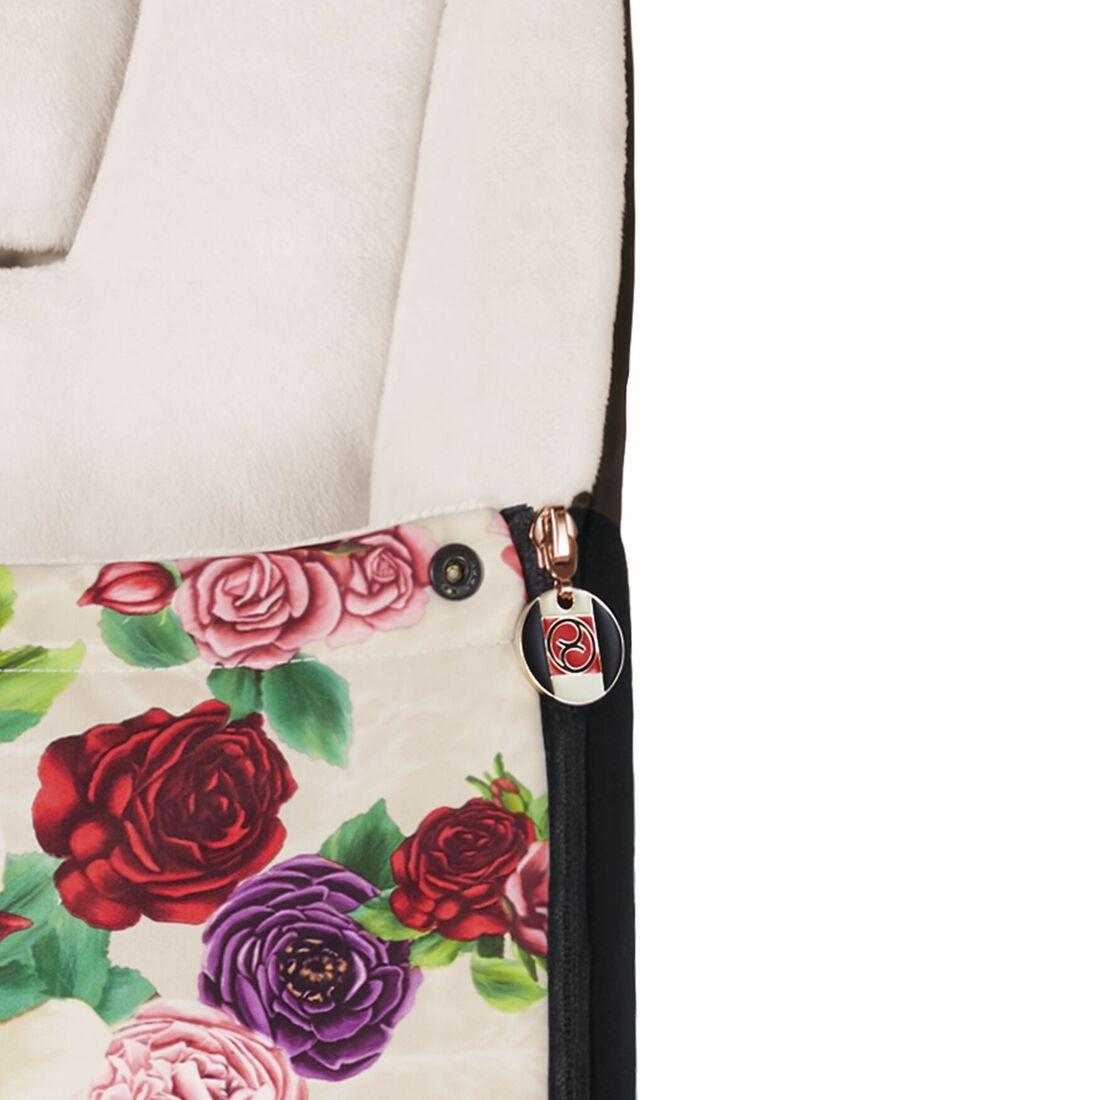 CYBEX Platinum Footmuff - Spring Blossom Light in Spring Blossom Light large image number 2